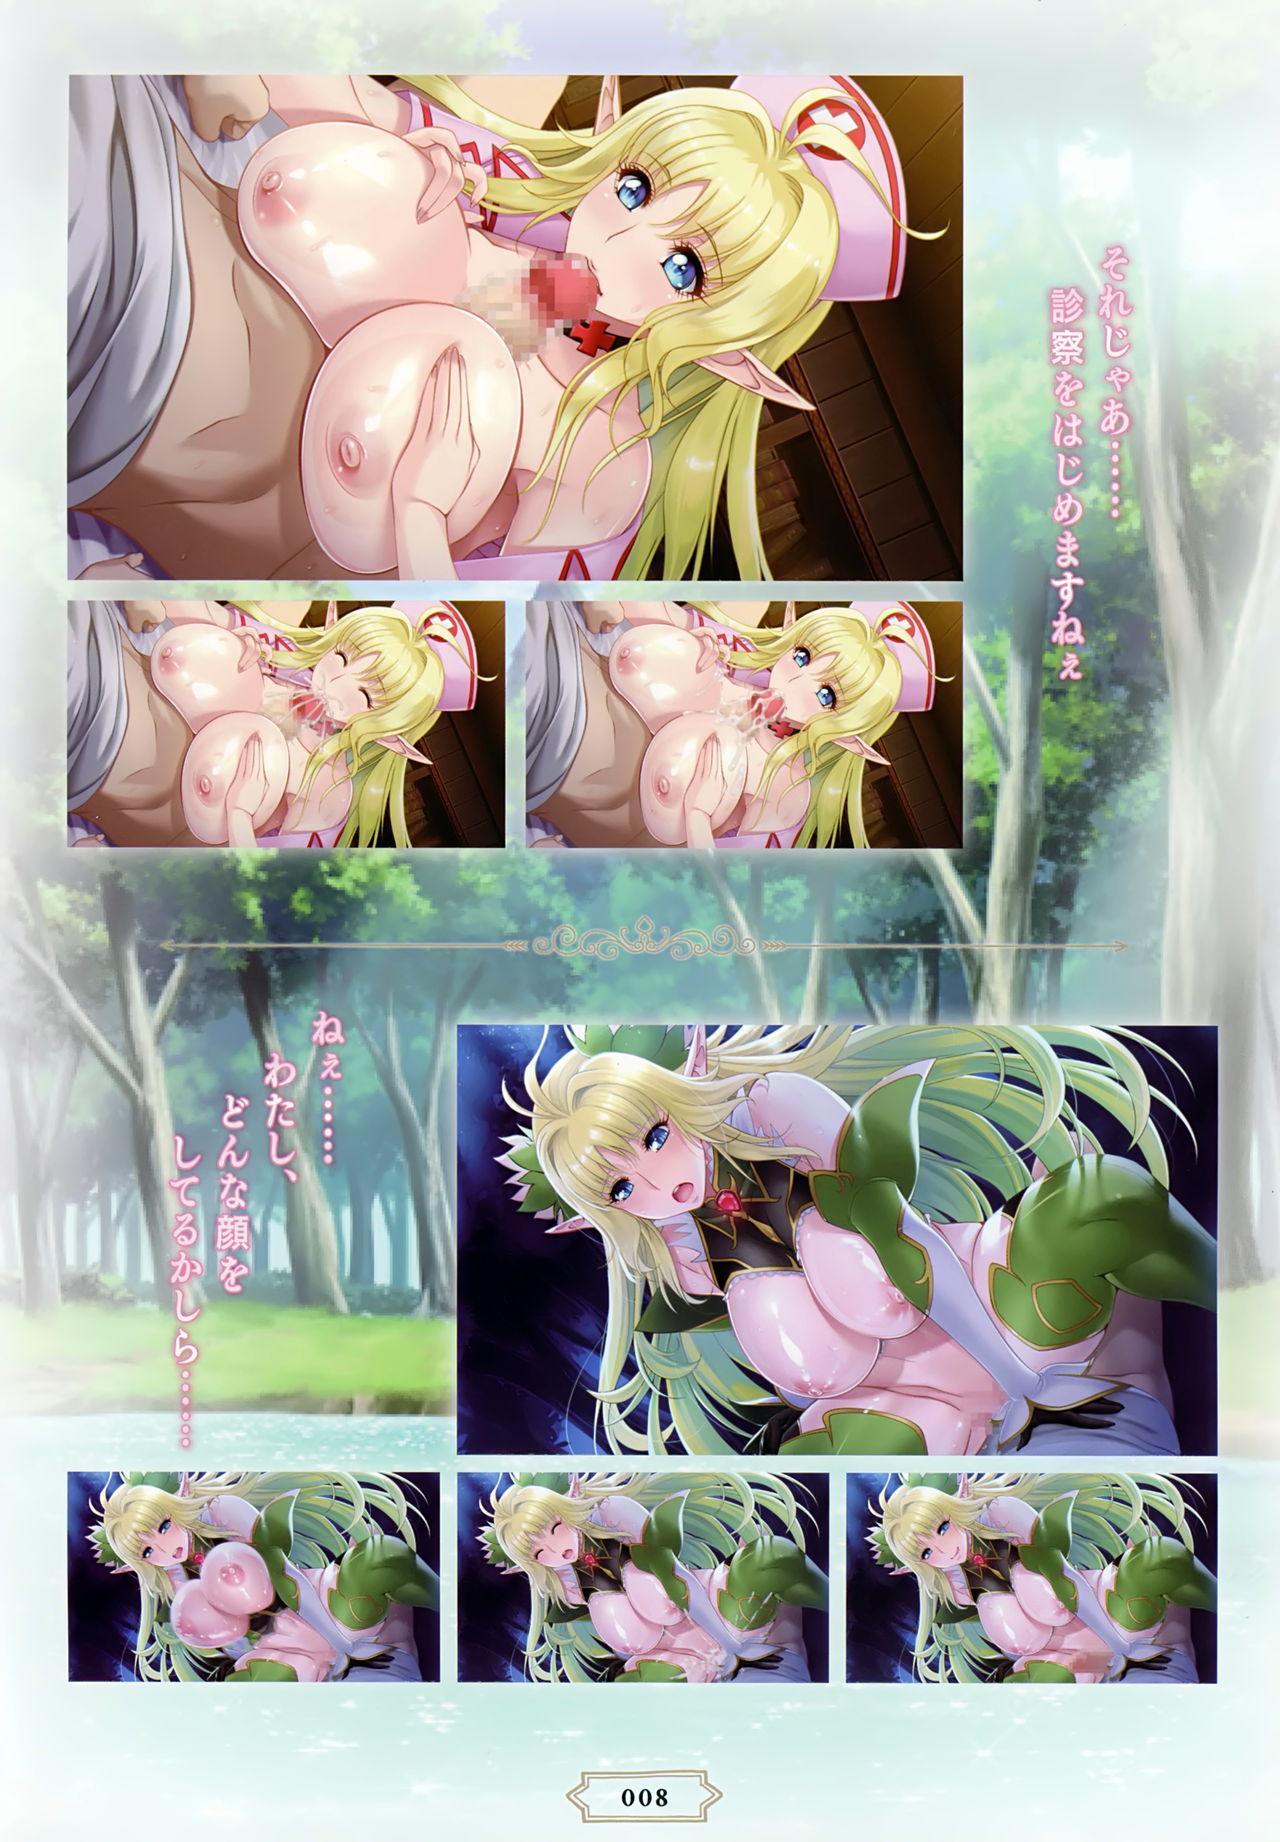 Youkoso! Sukebe Elf no Mori e Visual Fanbook 10